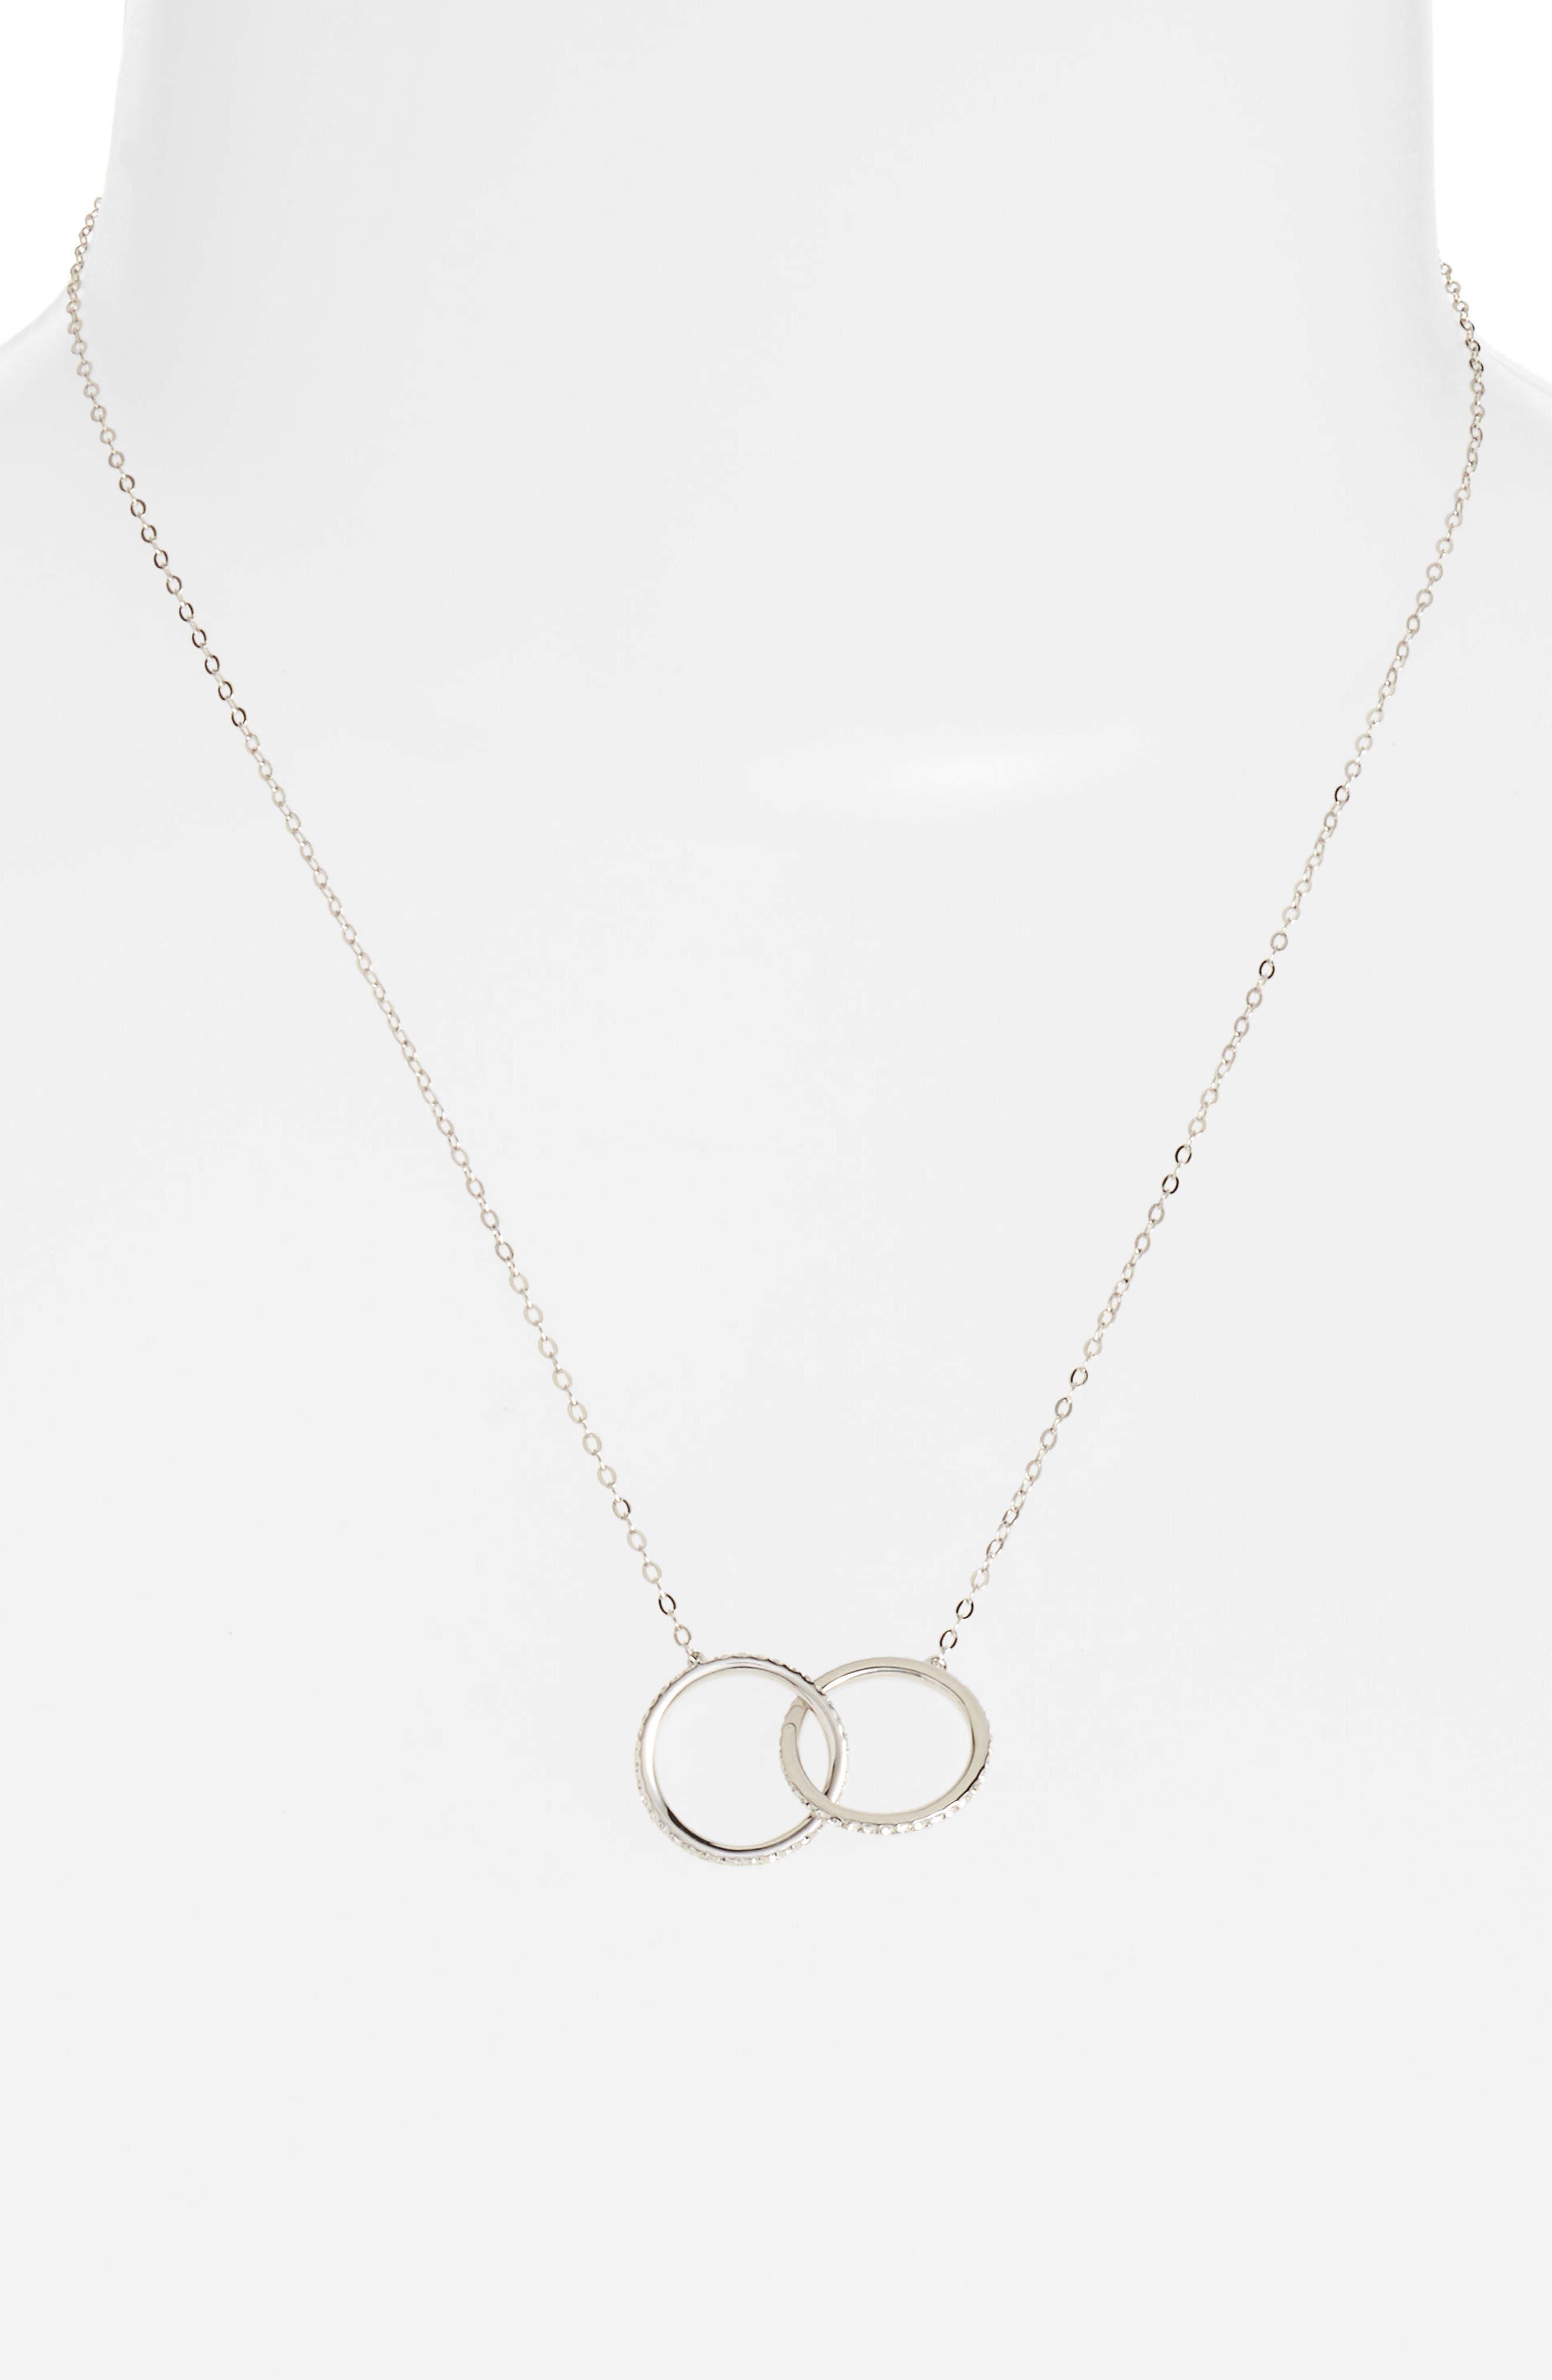 Nadri Trinity Double Link Pendant Necklace